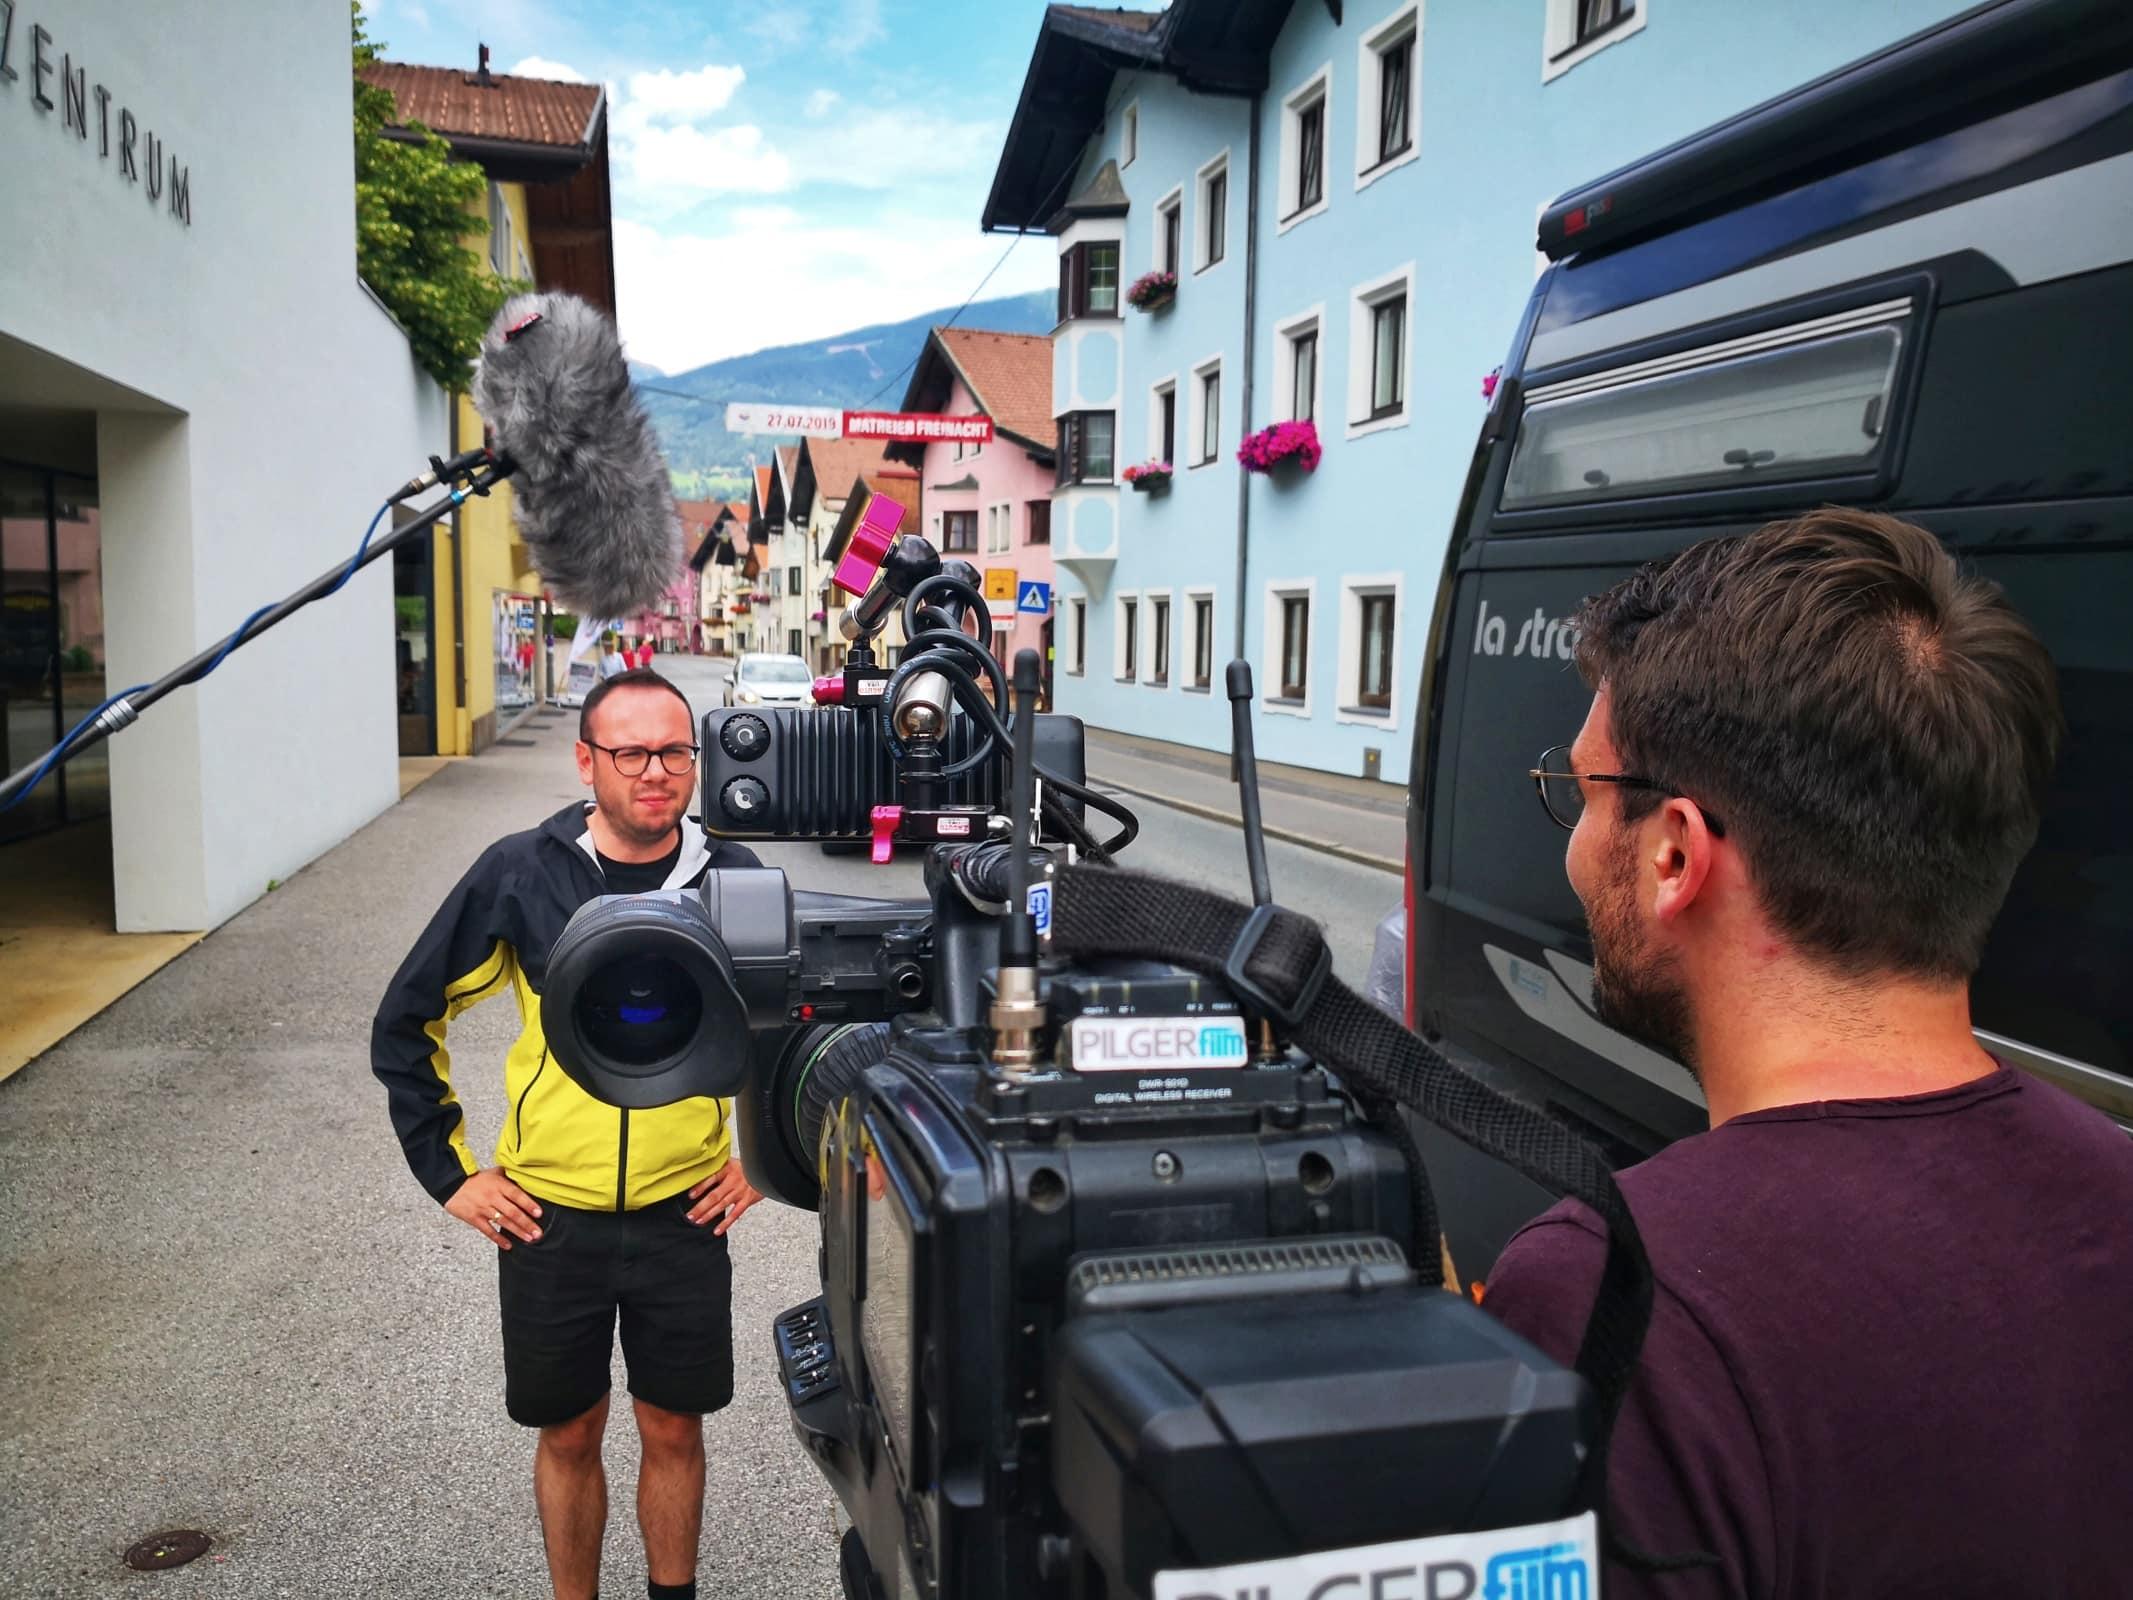 andreas felder kameramann dreharbeiten 02 19.07.2019 14 39 52 - ARD Europamagazin